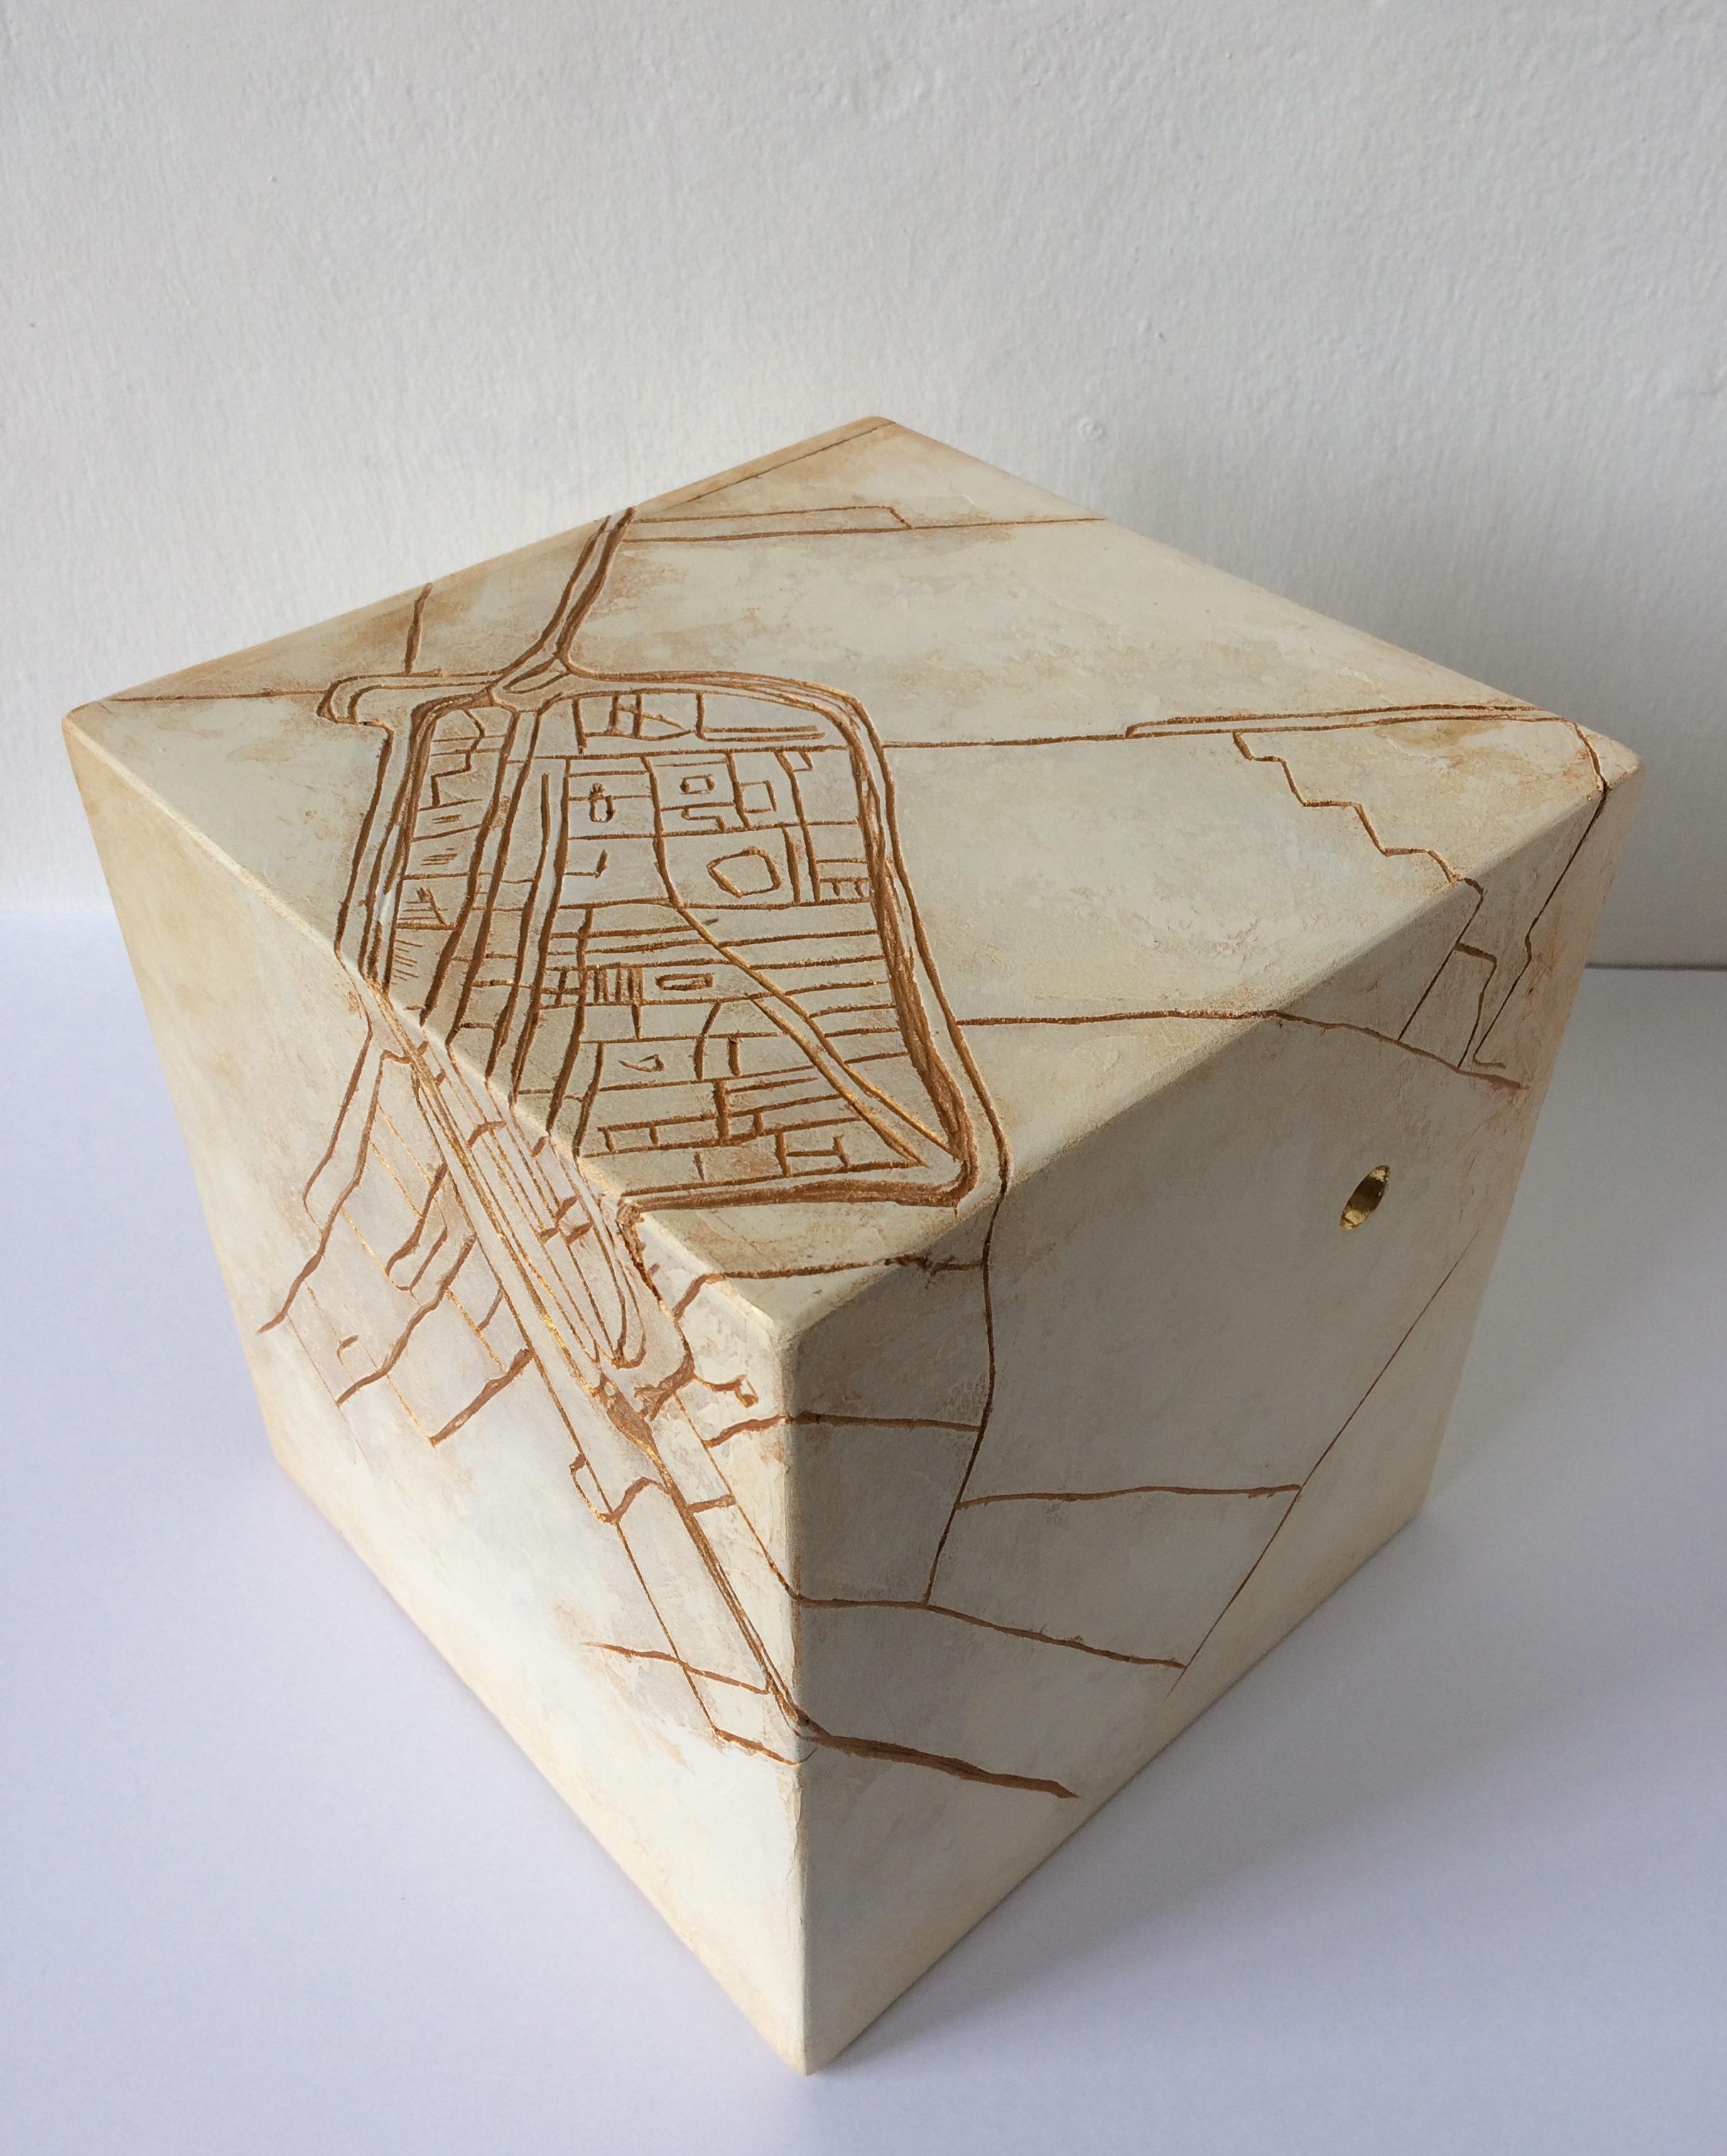 De Delftse Doorkijker ca. 20x20x20 cm Verkocht